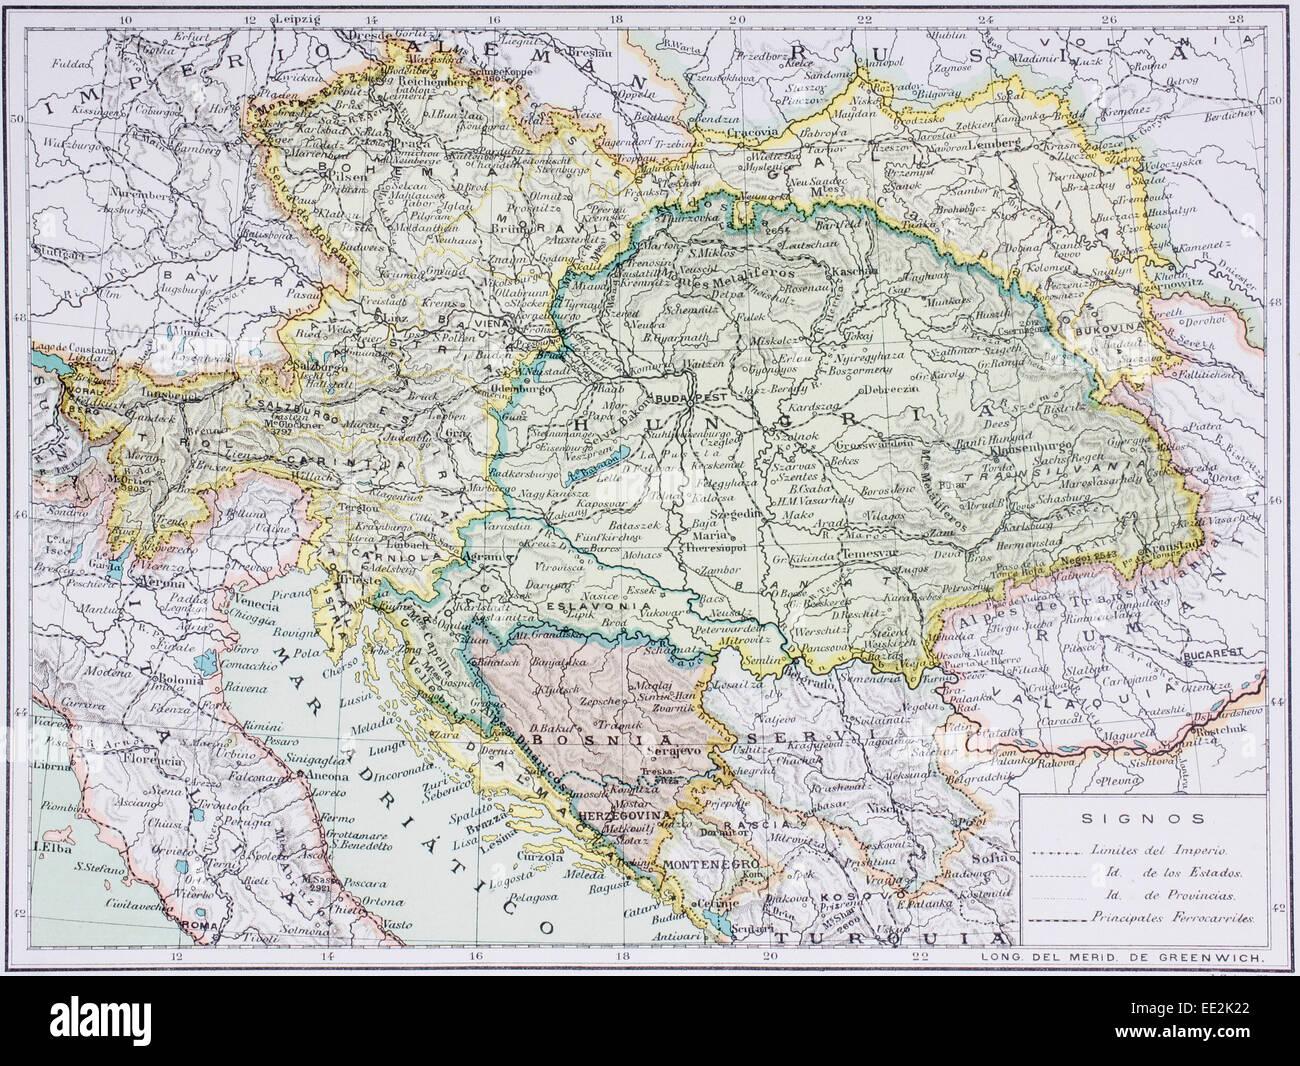 La carte de l'empire austro-hongrois au début du xxe siècle. La carte est en langue espagnole. Photo Stock